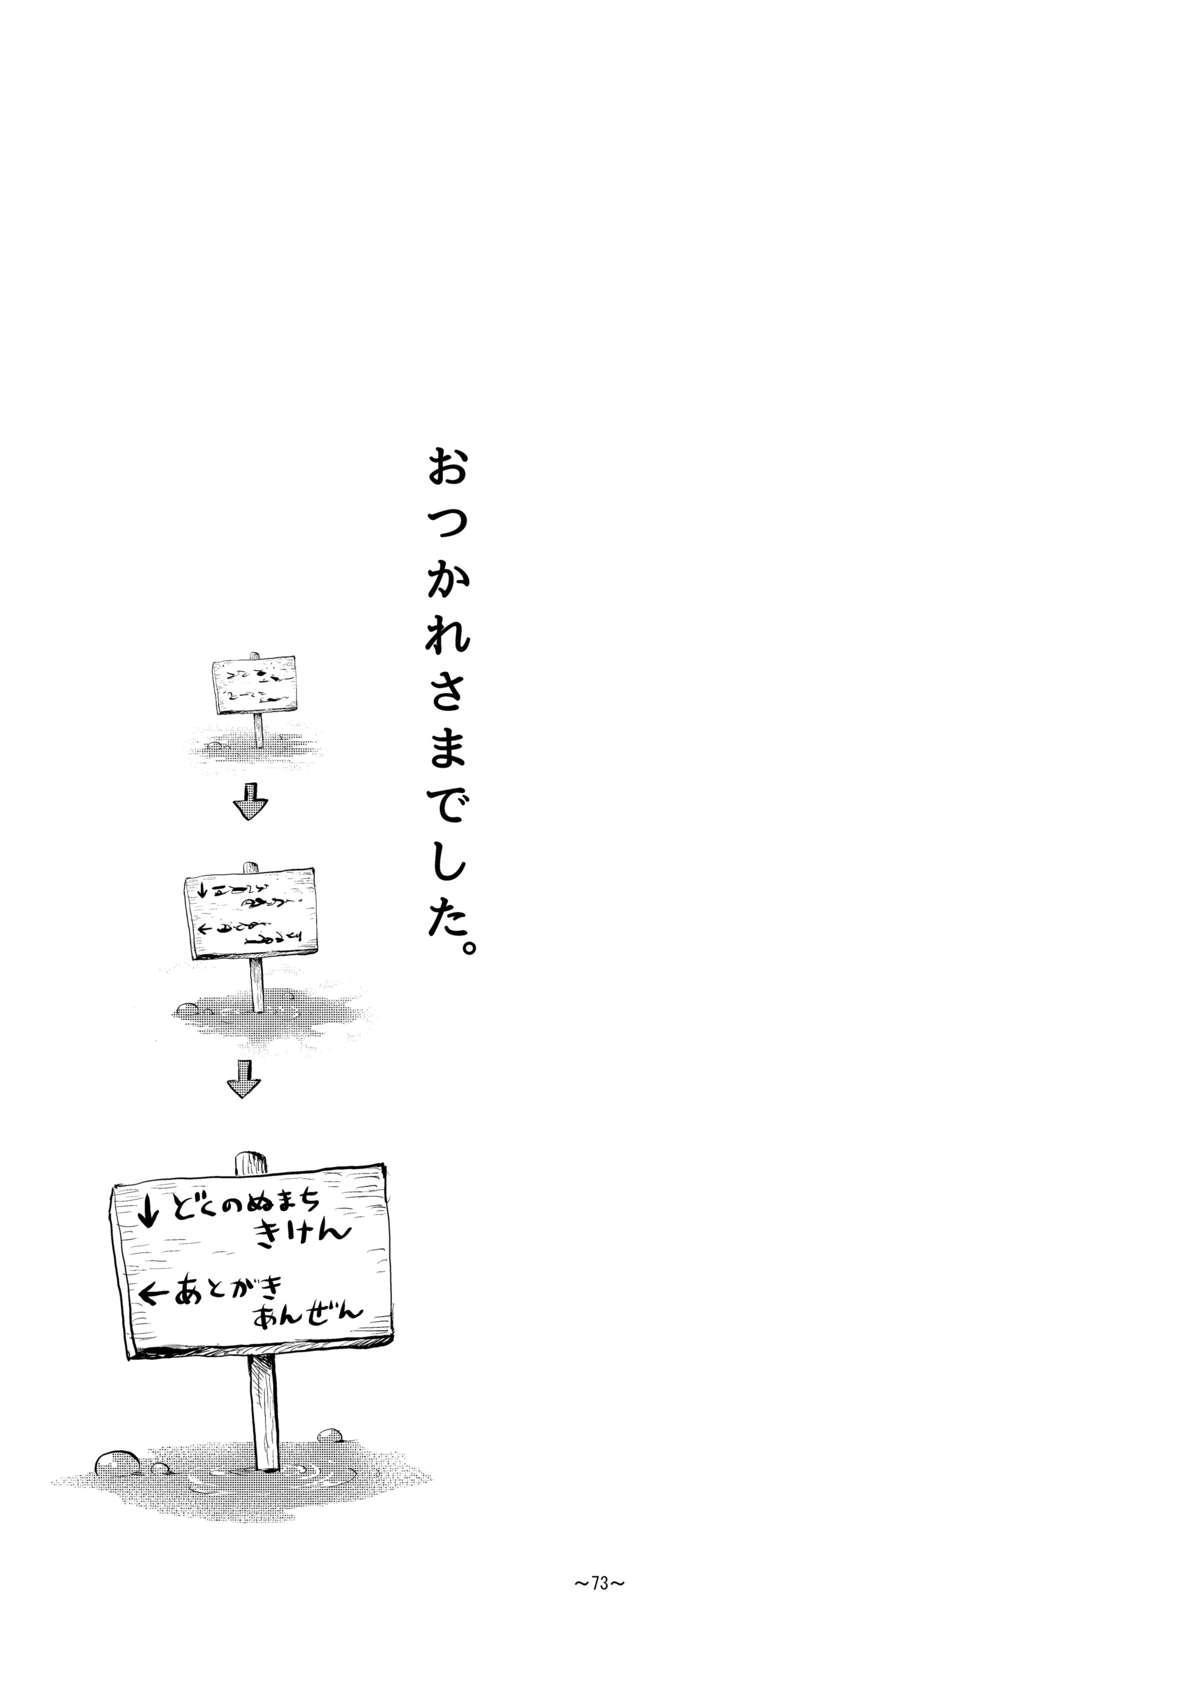 Zettai ni Zenmetsushite wa Ikenai DraQue 73